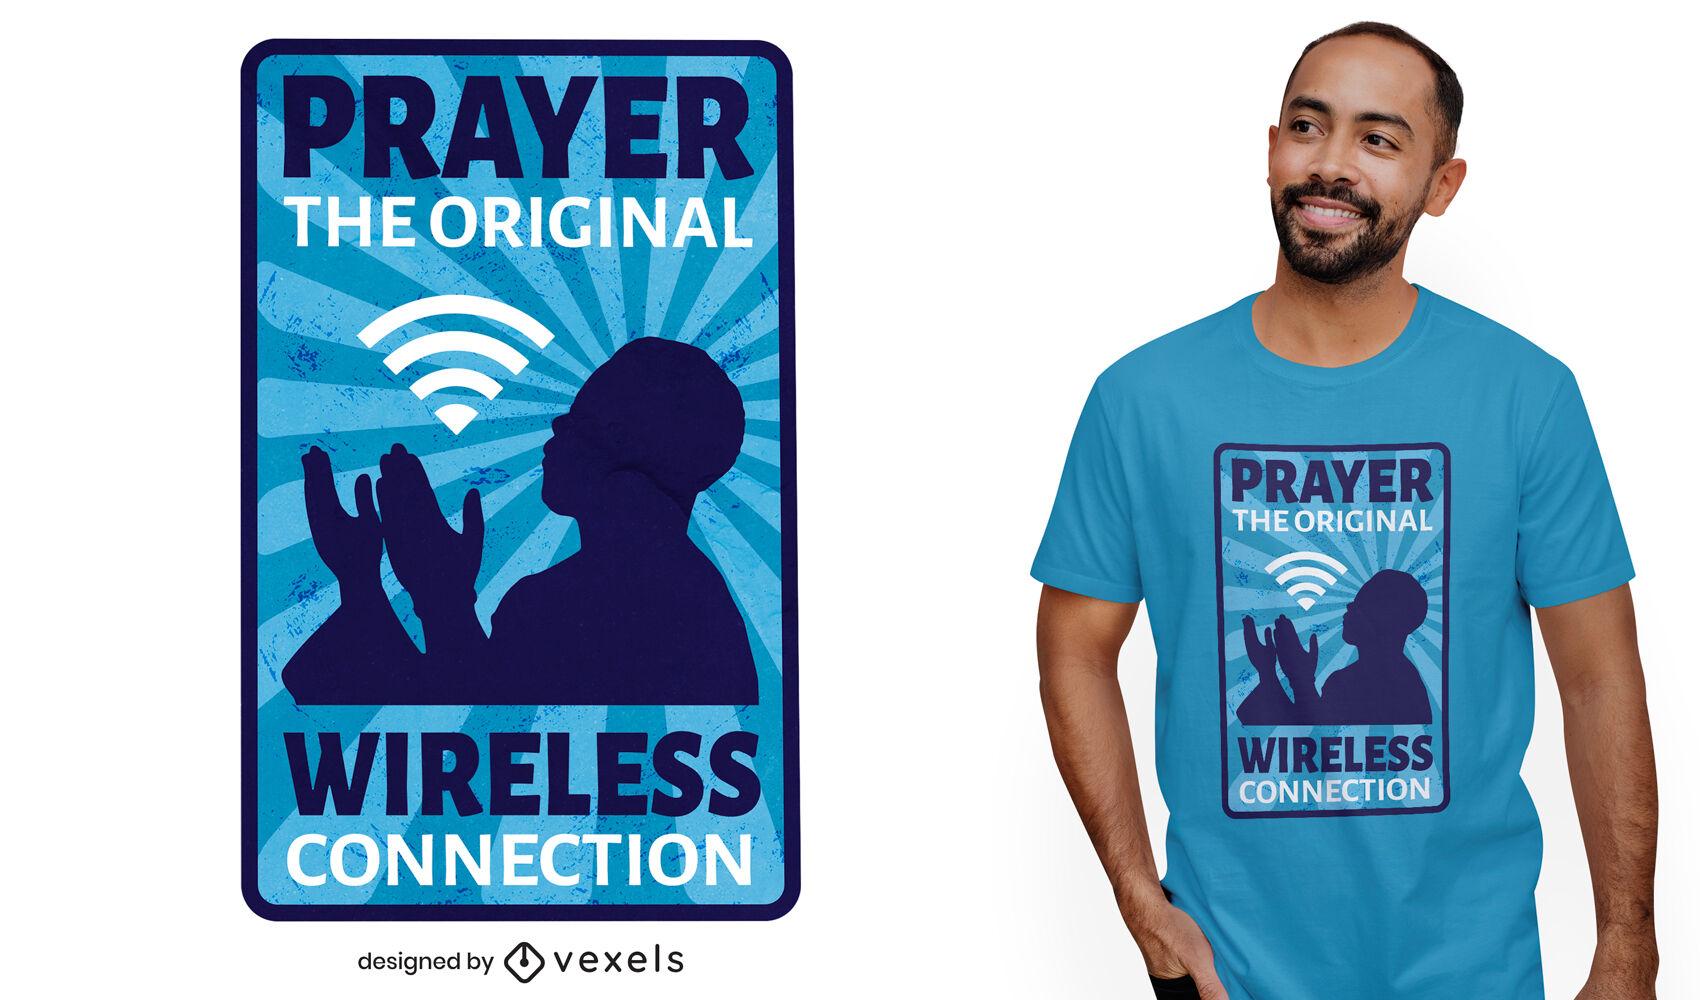 Diseño de camiseta de broma de wifi de oración de religión.